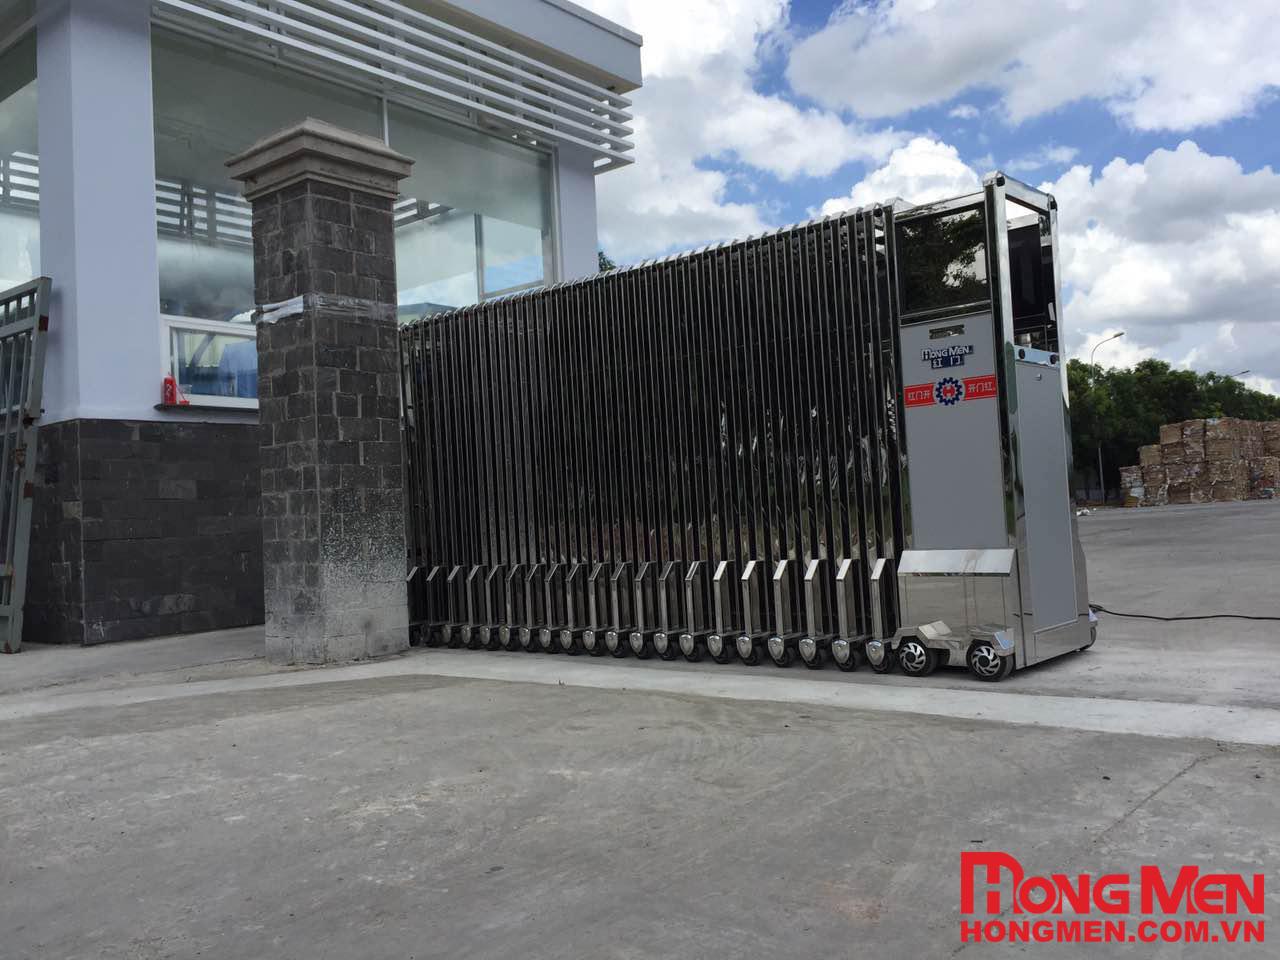 Xây dựng cửa cổng biệt thự giá ưu đãi ở vị trí Sài Gòn